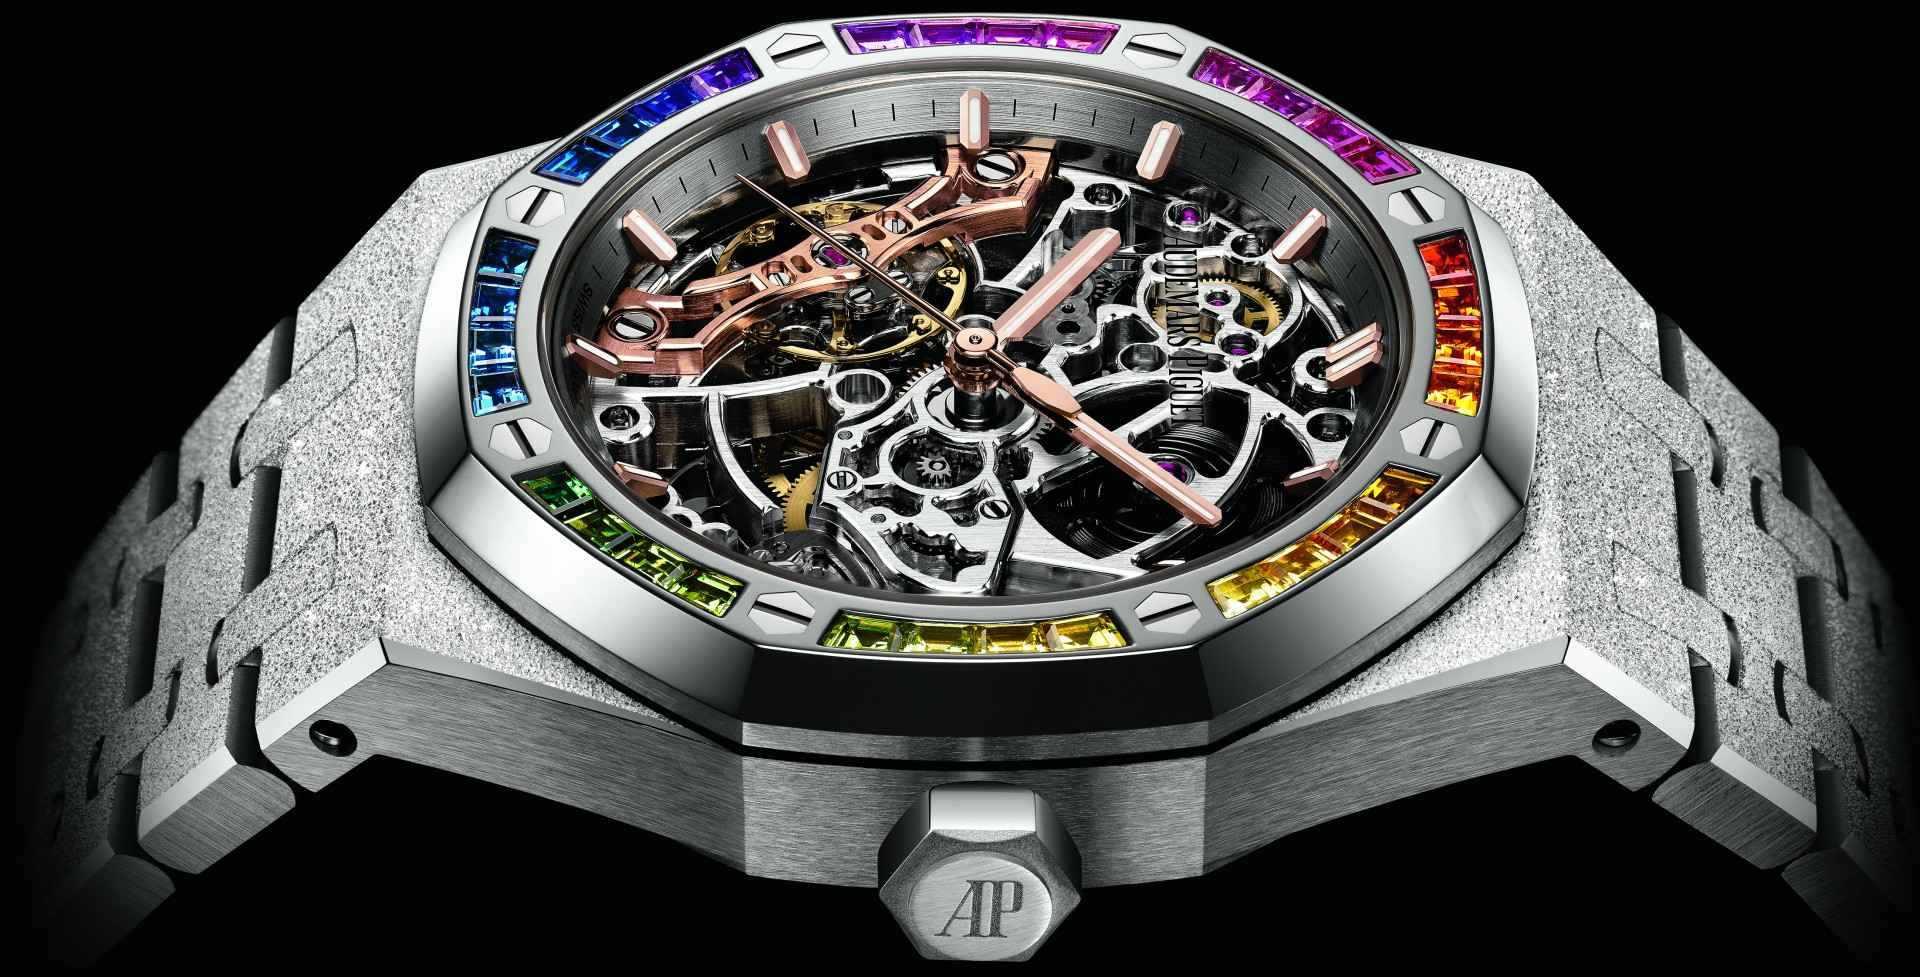 彩虹彩虹真美麗:愛彼於2019 SIHH推出多款寶石鑲嵌時計款式